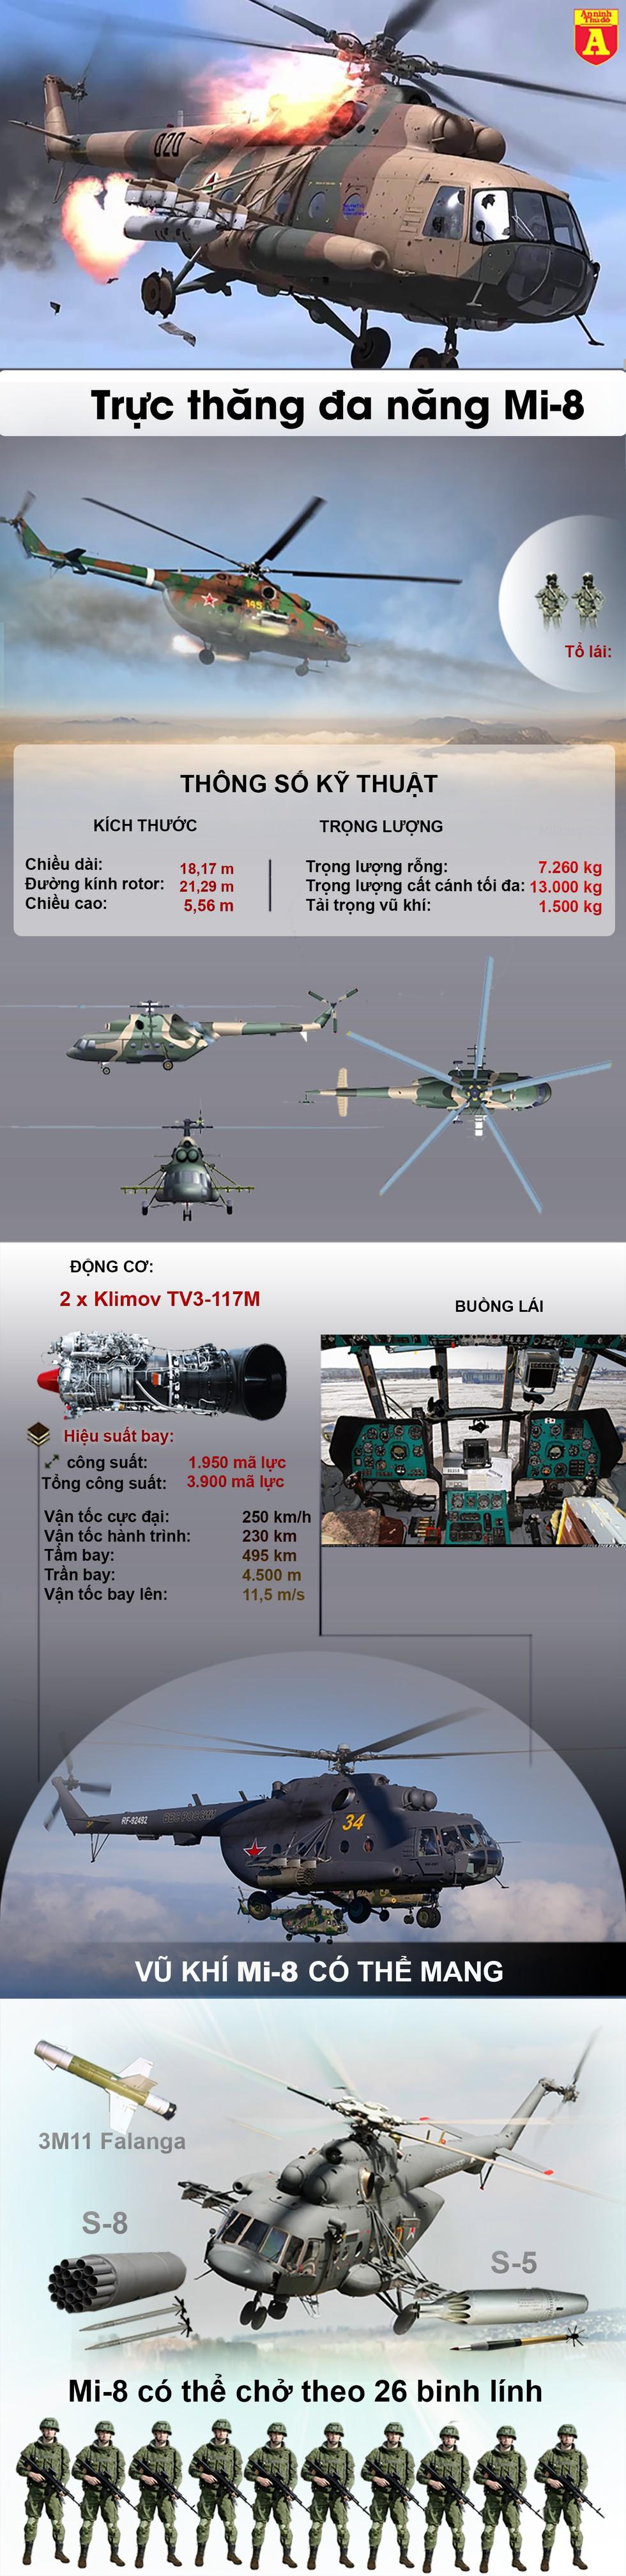 [Infographics] Trực thăng Mi-8 với phi hành đoàn người Ukraine bị súng chống tăng bắn hạ - Ảnh 1